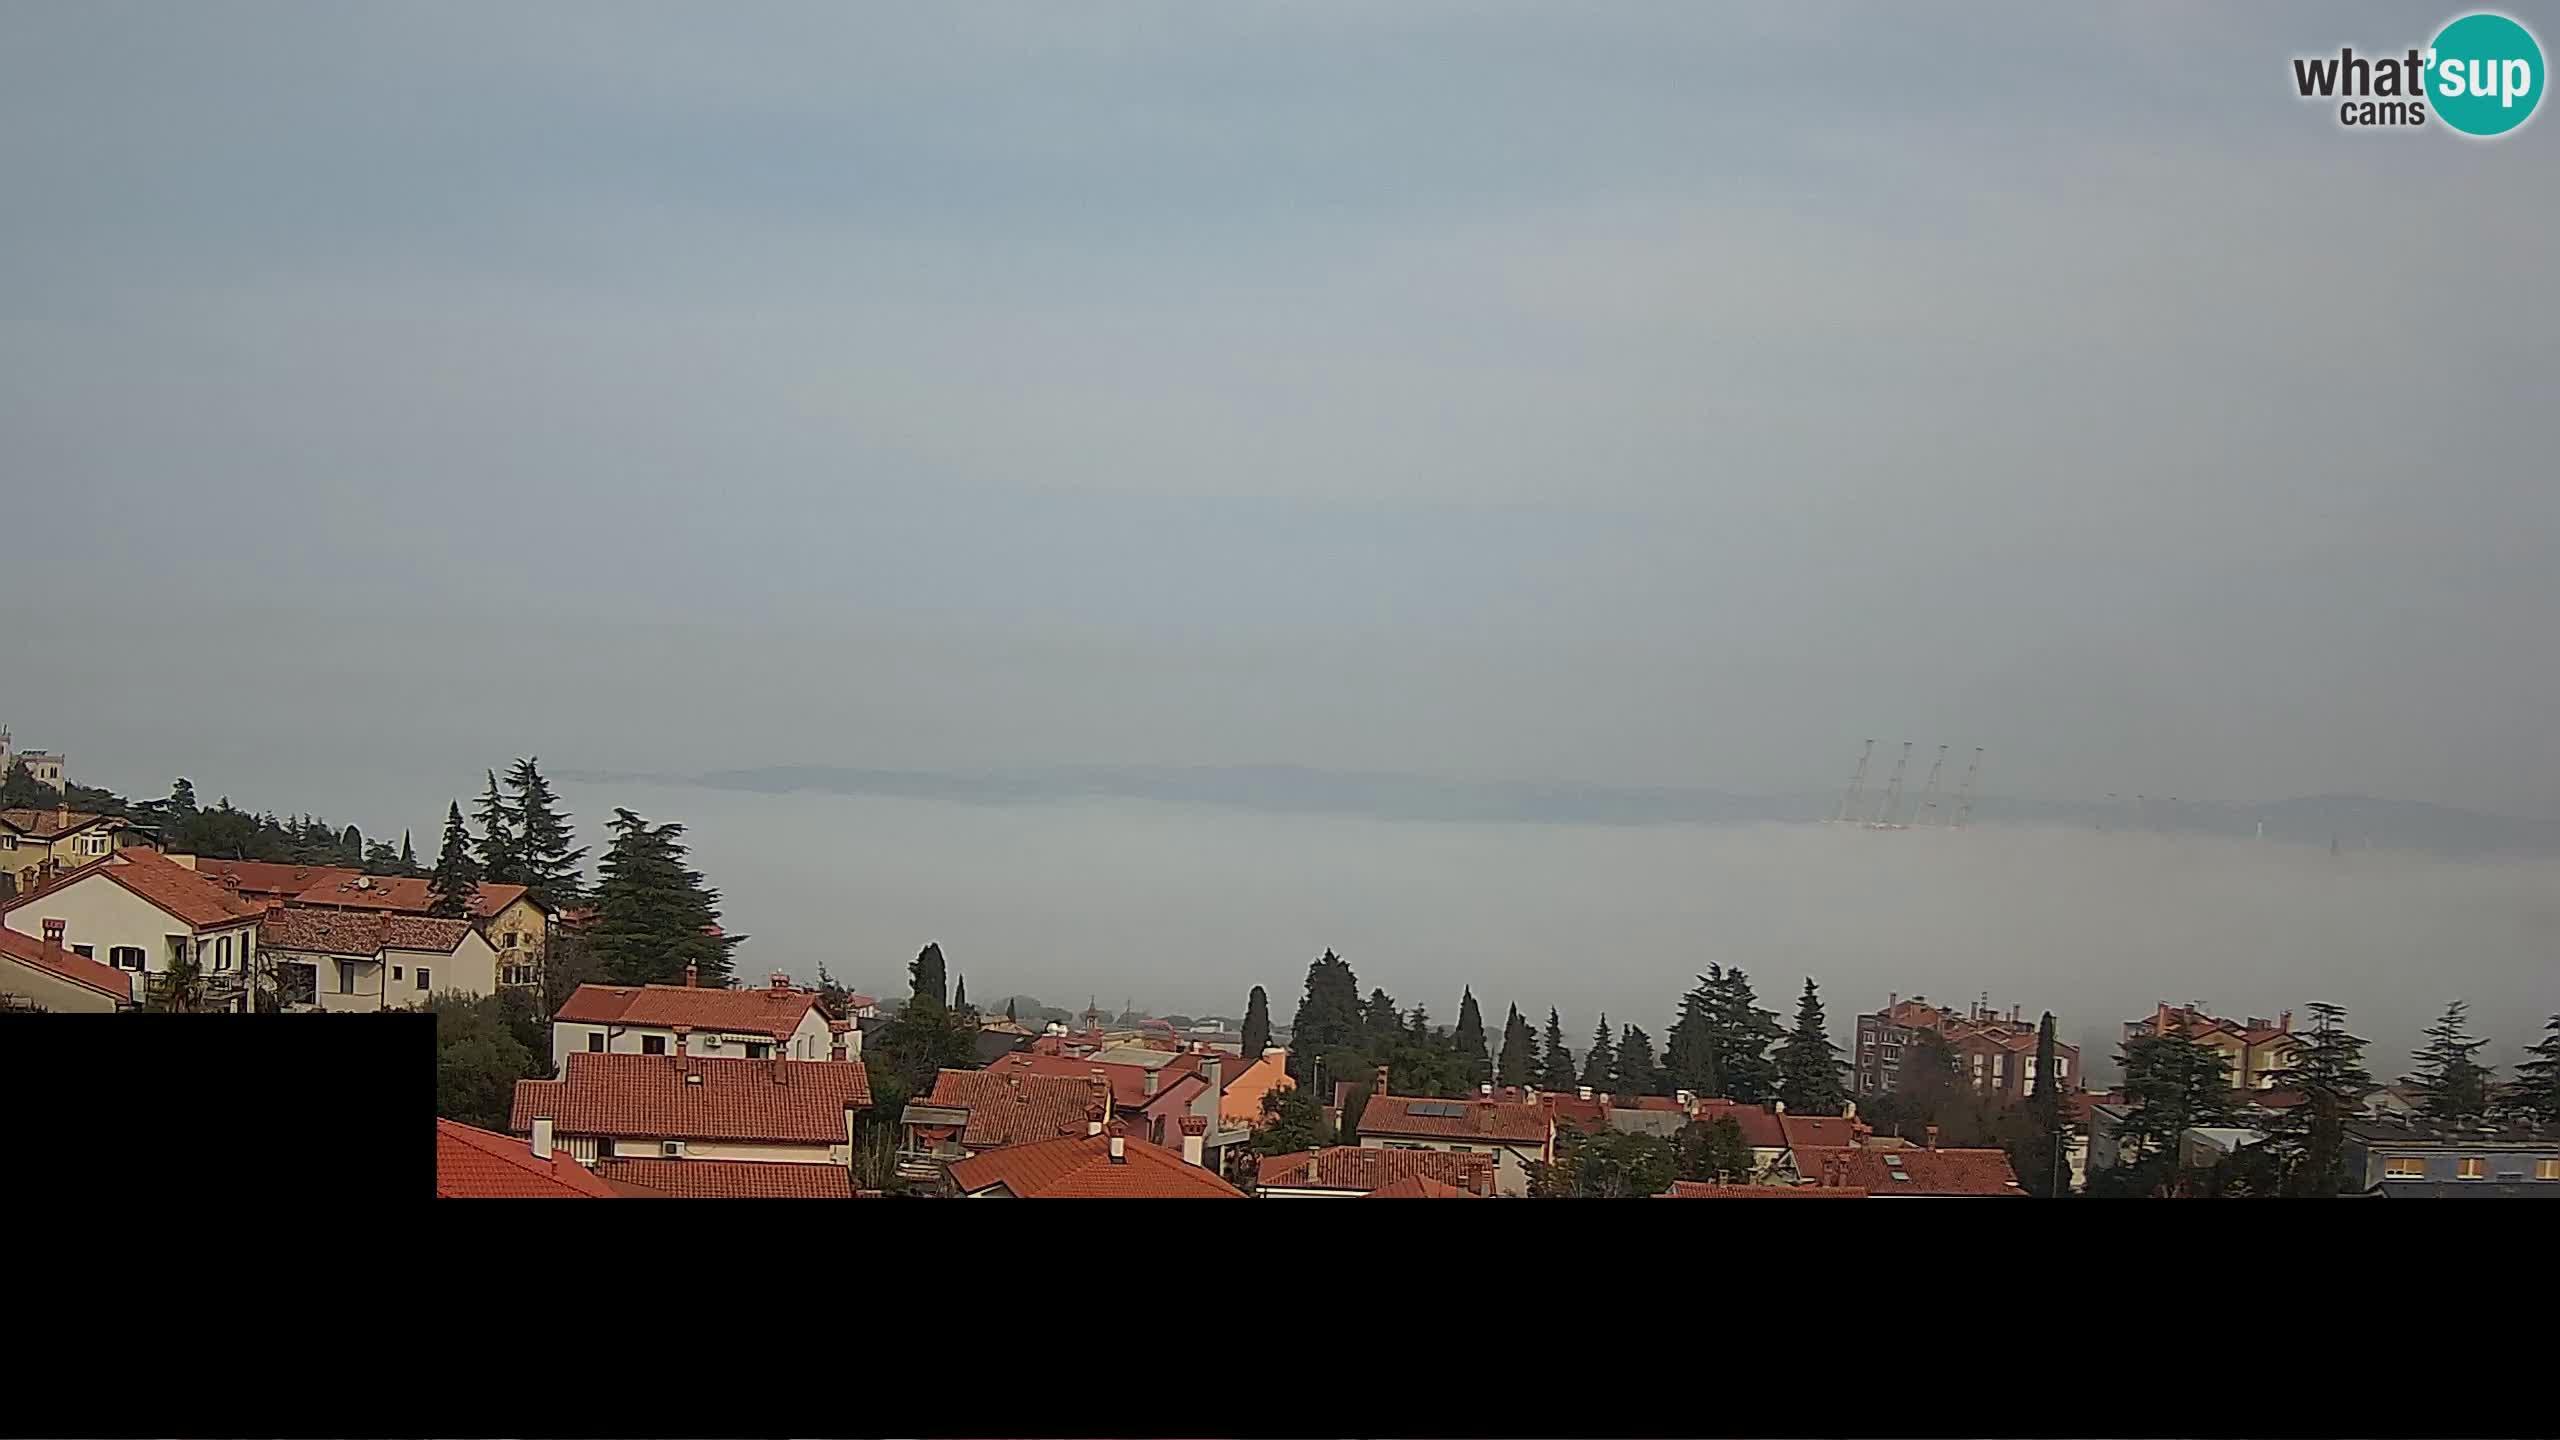 Spletna kamera v živo Koper – Panoramski pogled na mesto in pristanišče – Slovenija